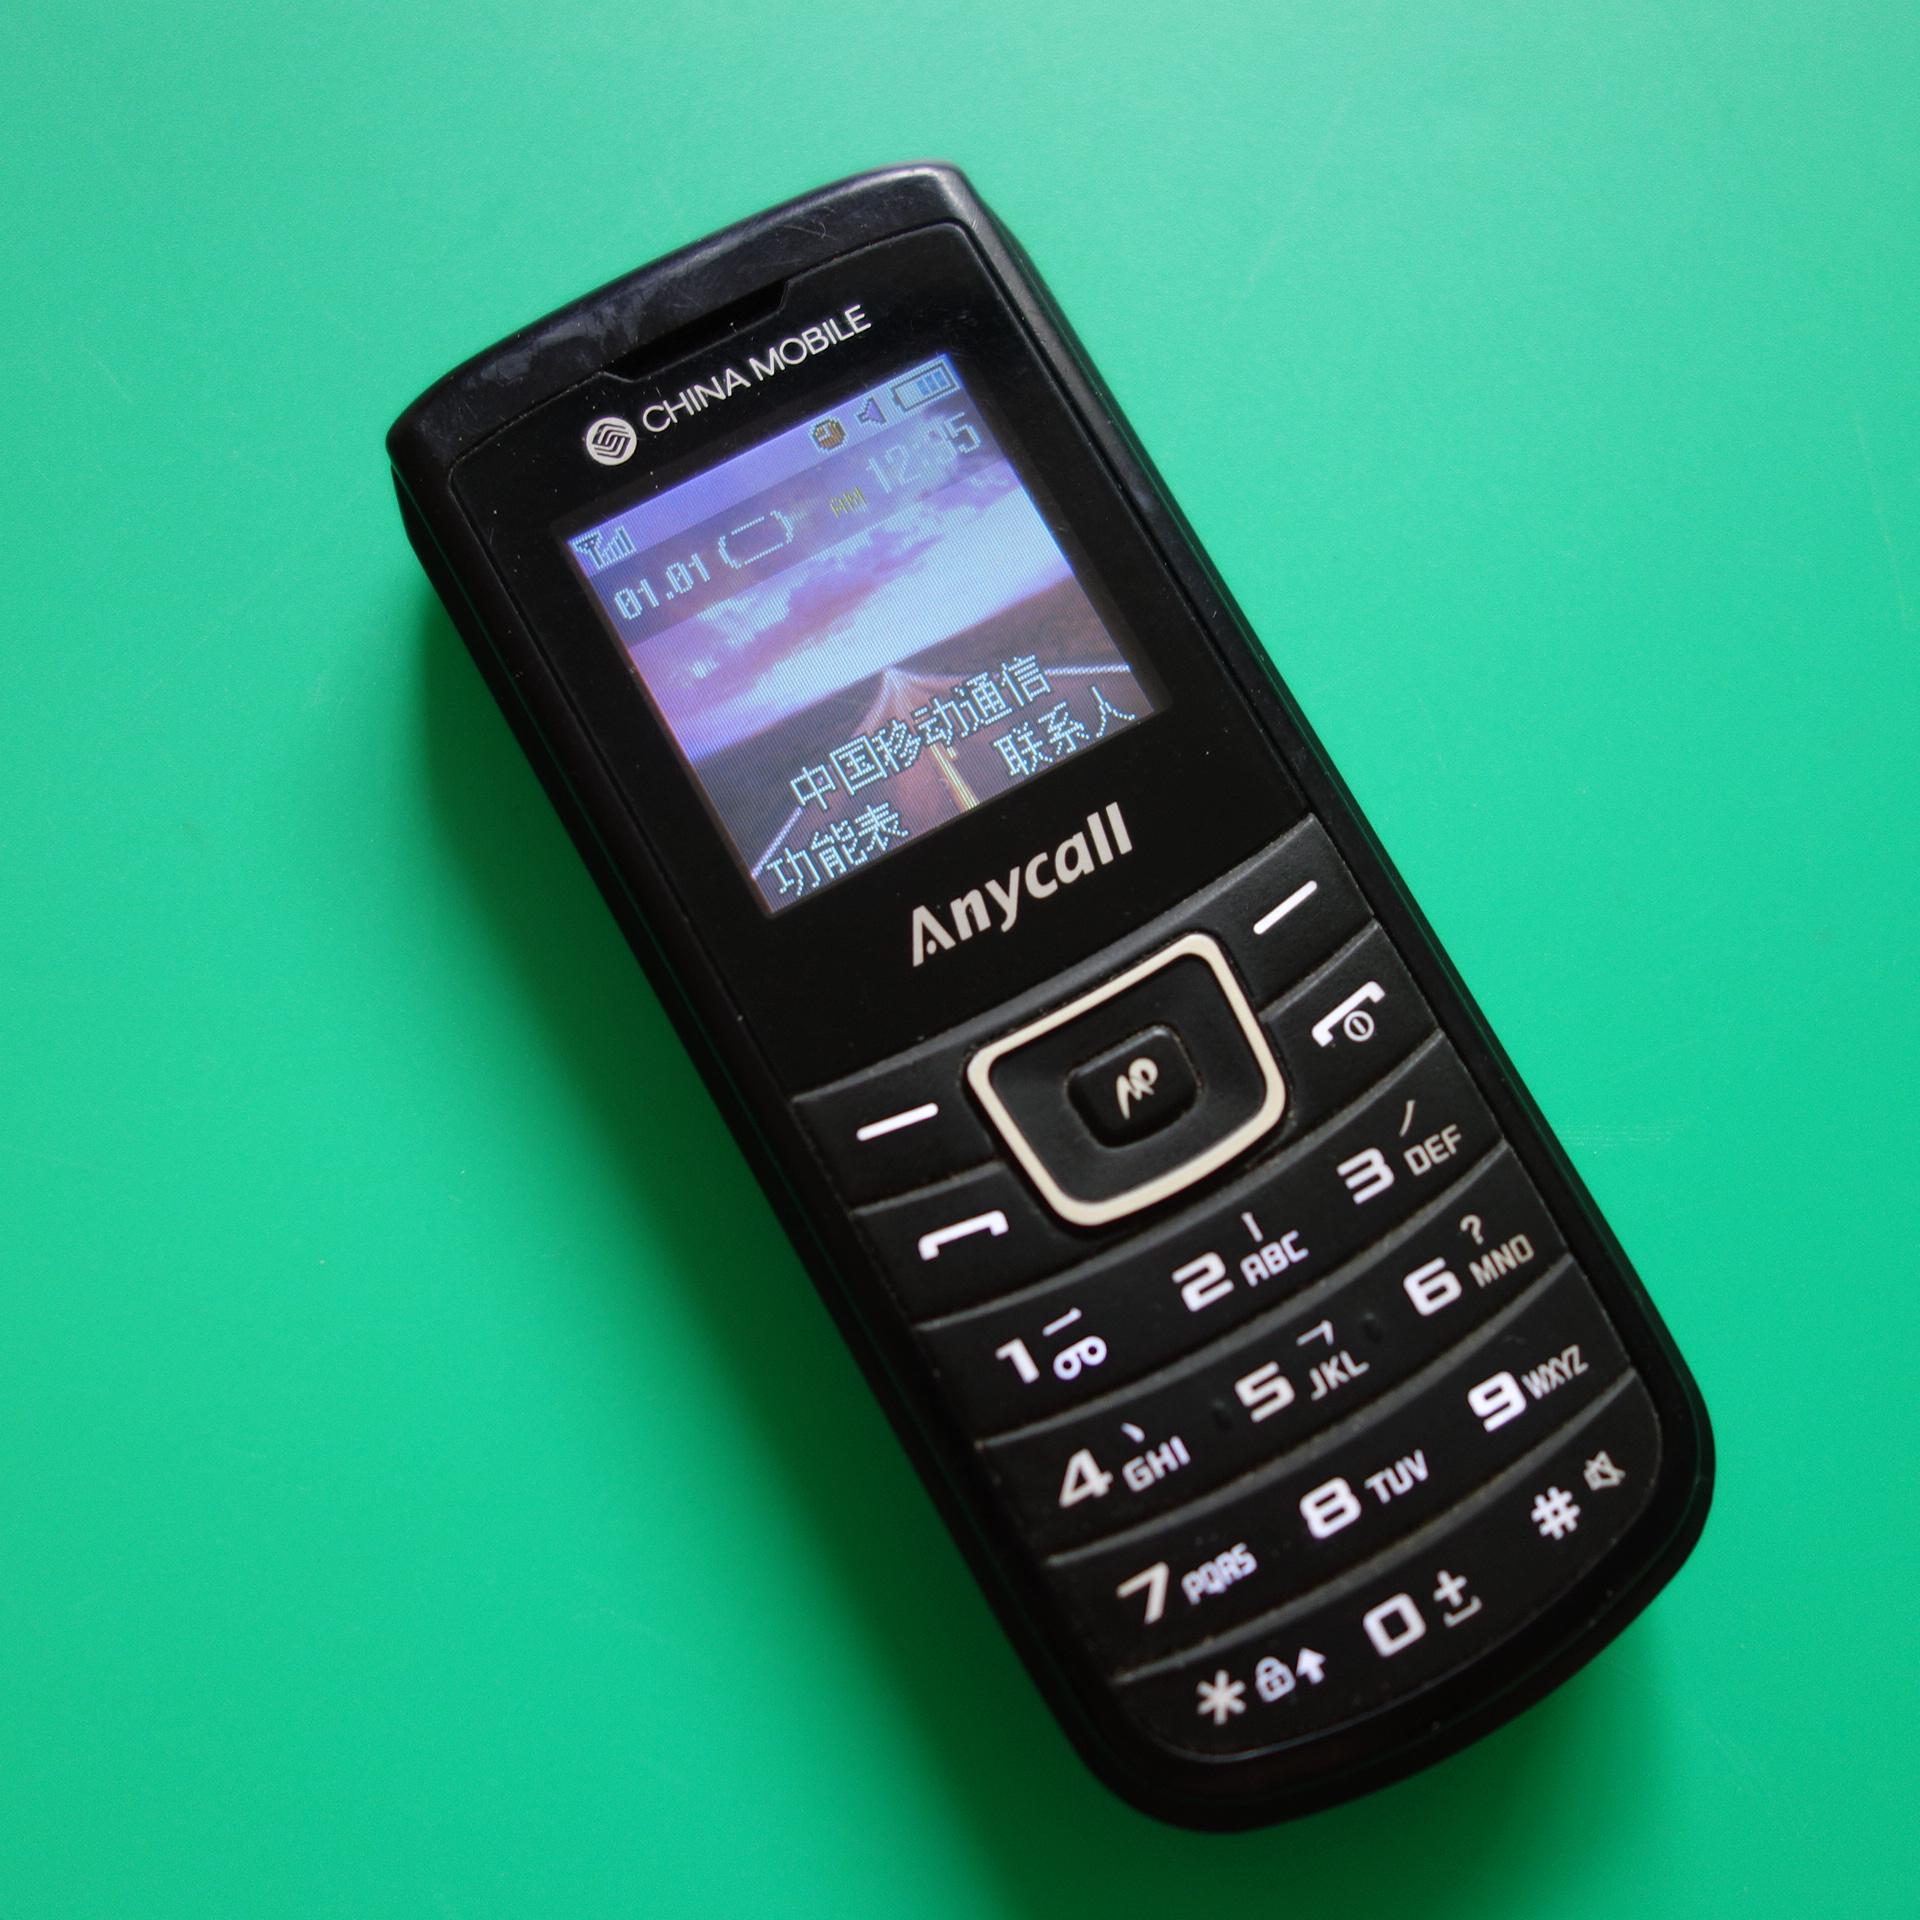 修复三星手机黑屏的方法有很多,主要是出于原因